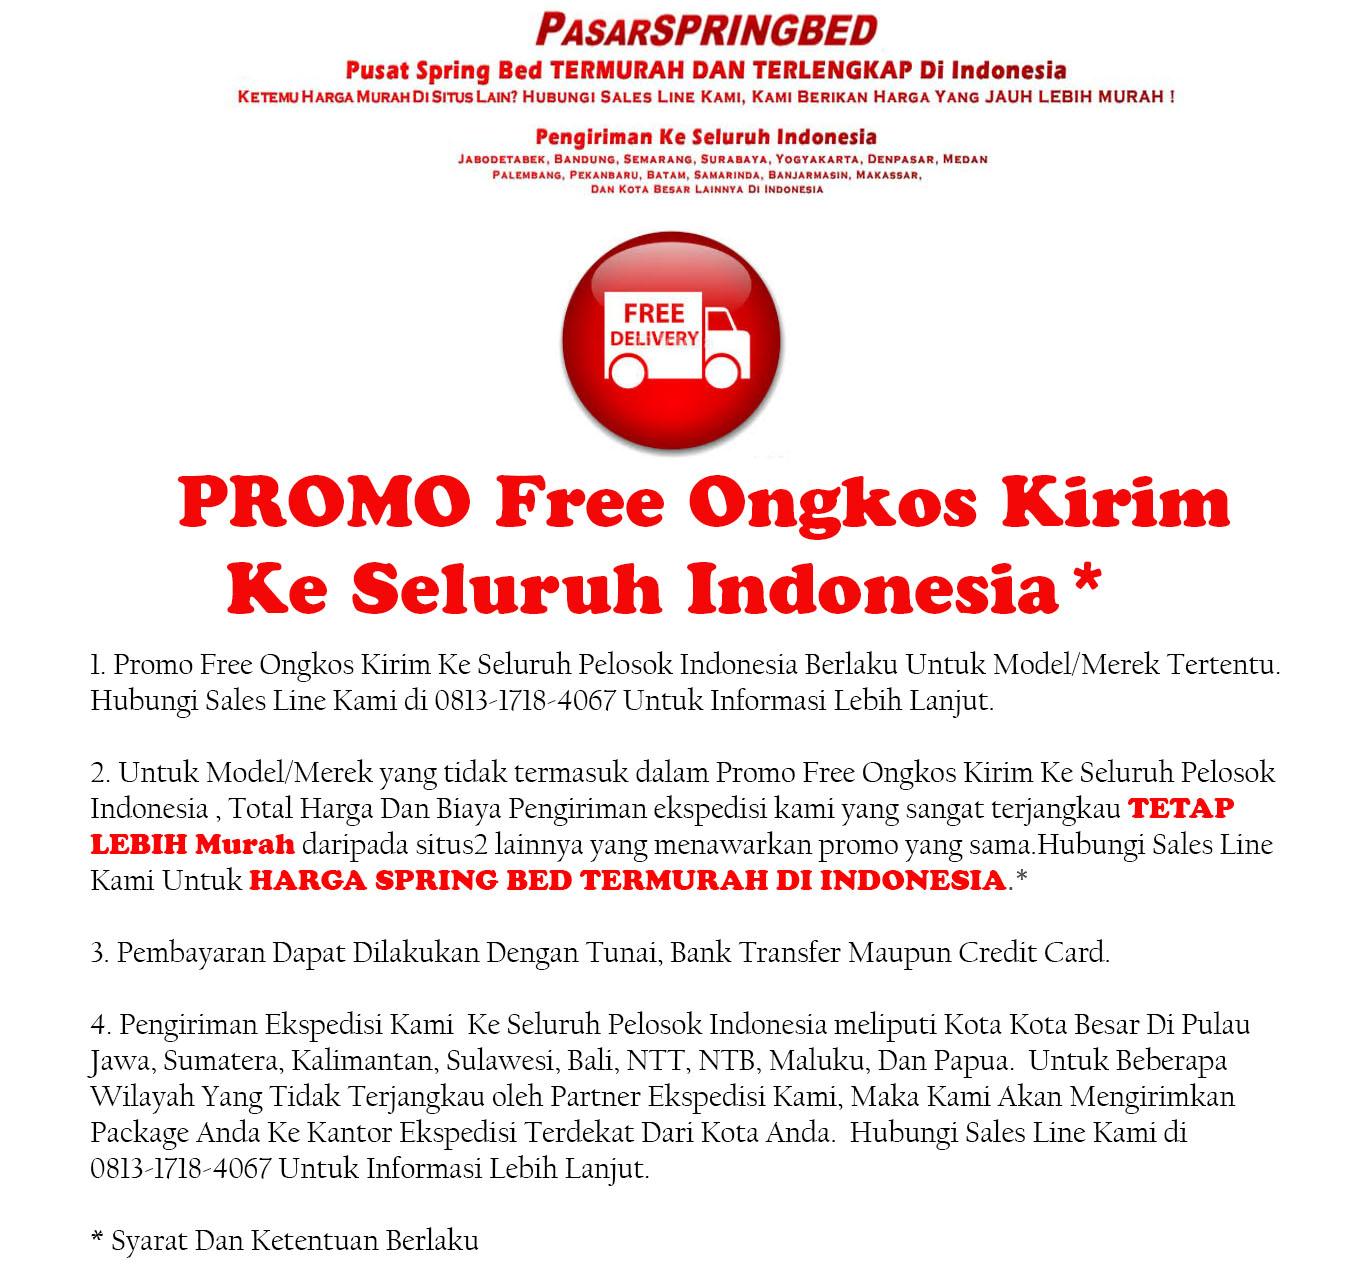 Index Of Wp Content Uploads 2014 09 Ongkos Kirim Ekspedisi Promofreeongkir2